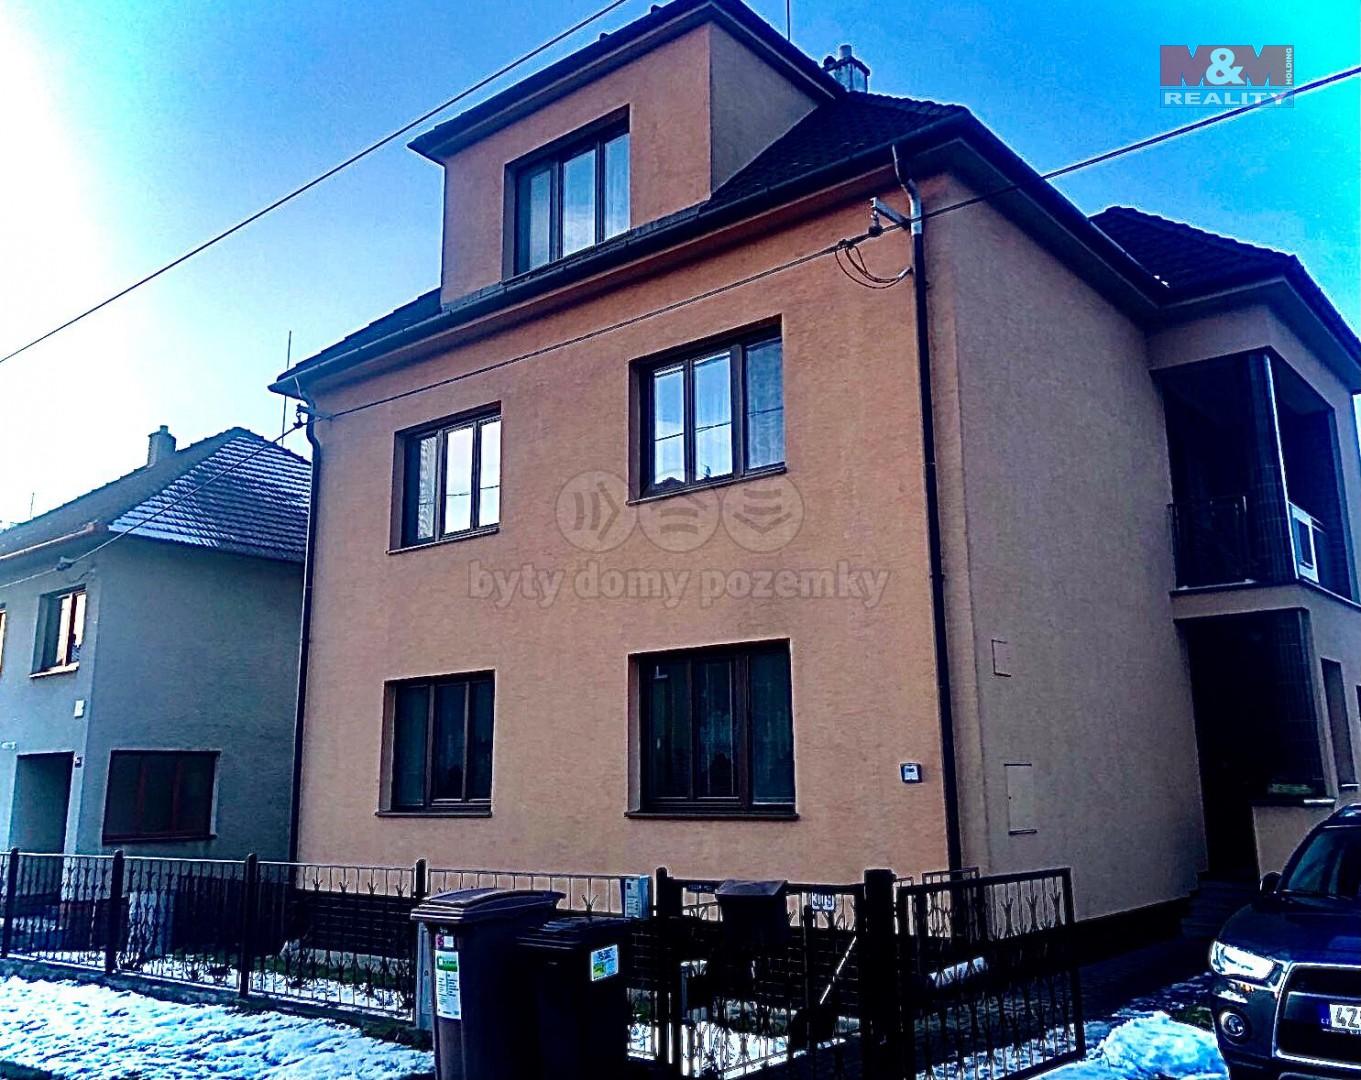 Pronájem rodinného domu, 75 m², Zlín, ul. Svat. Čecha